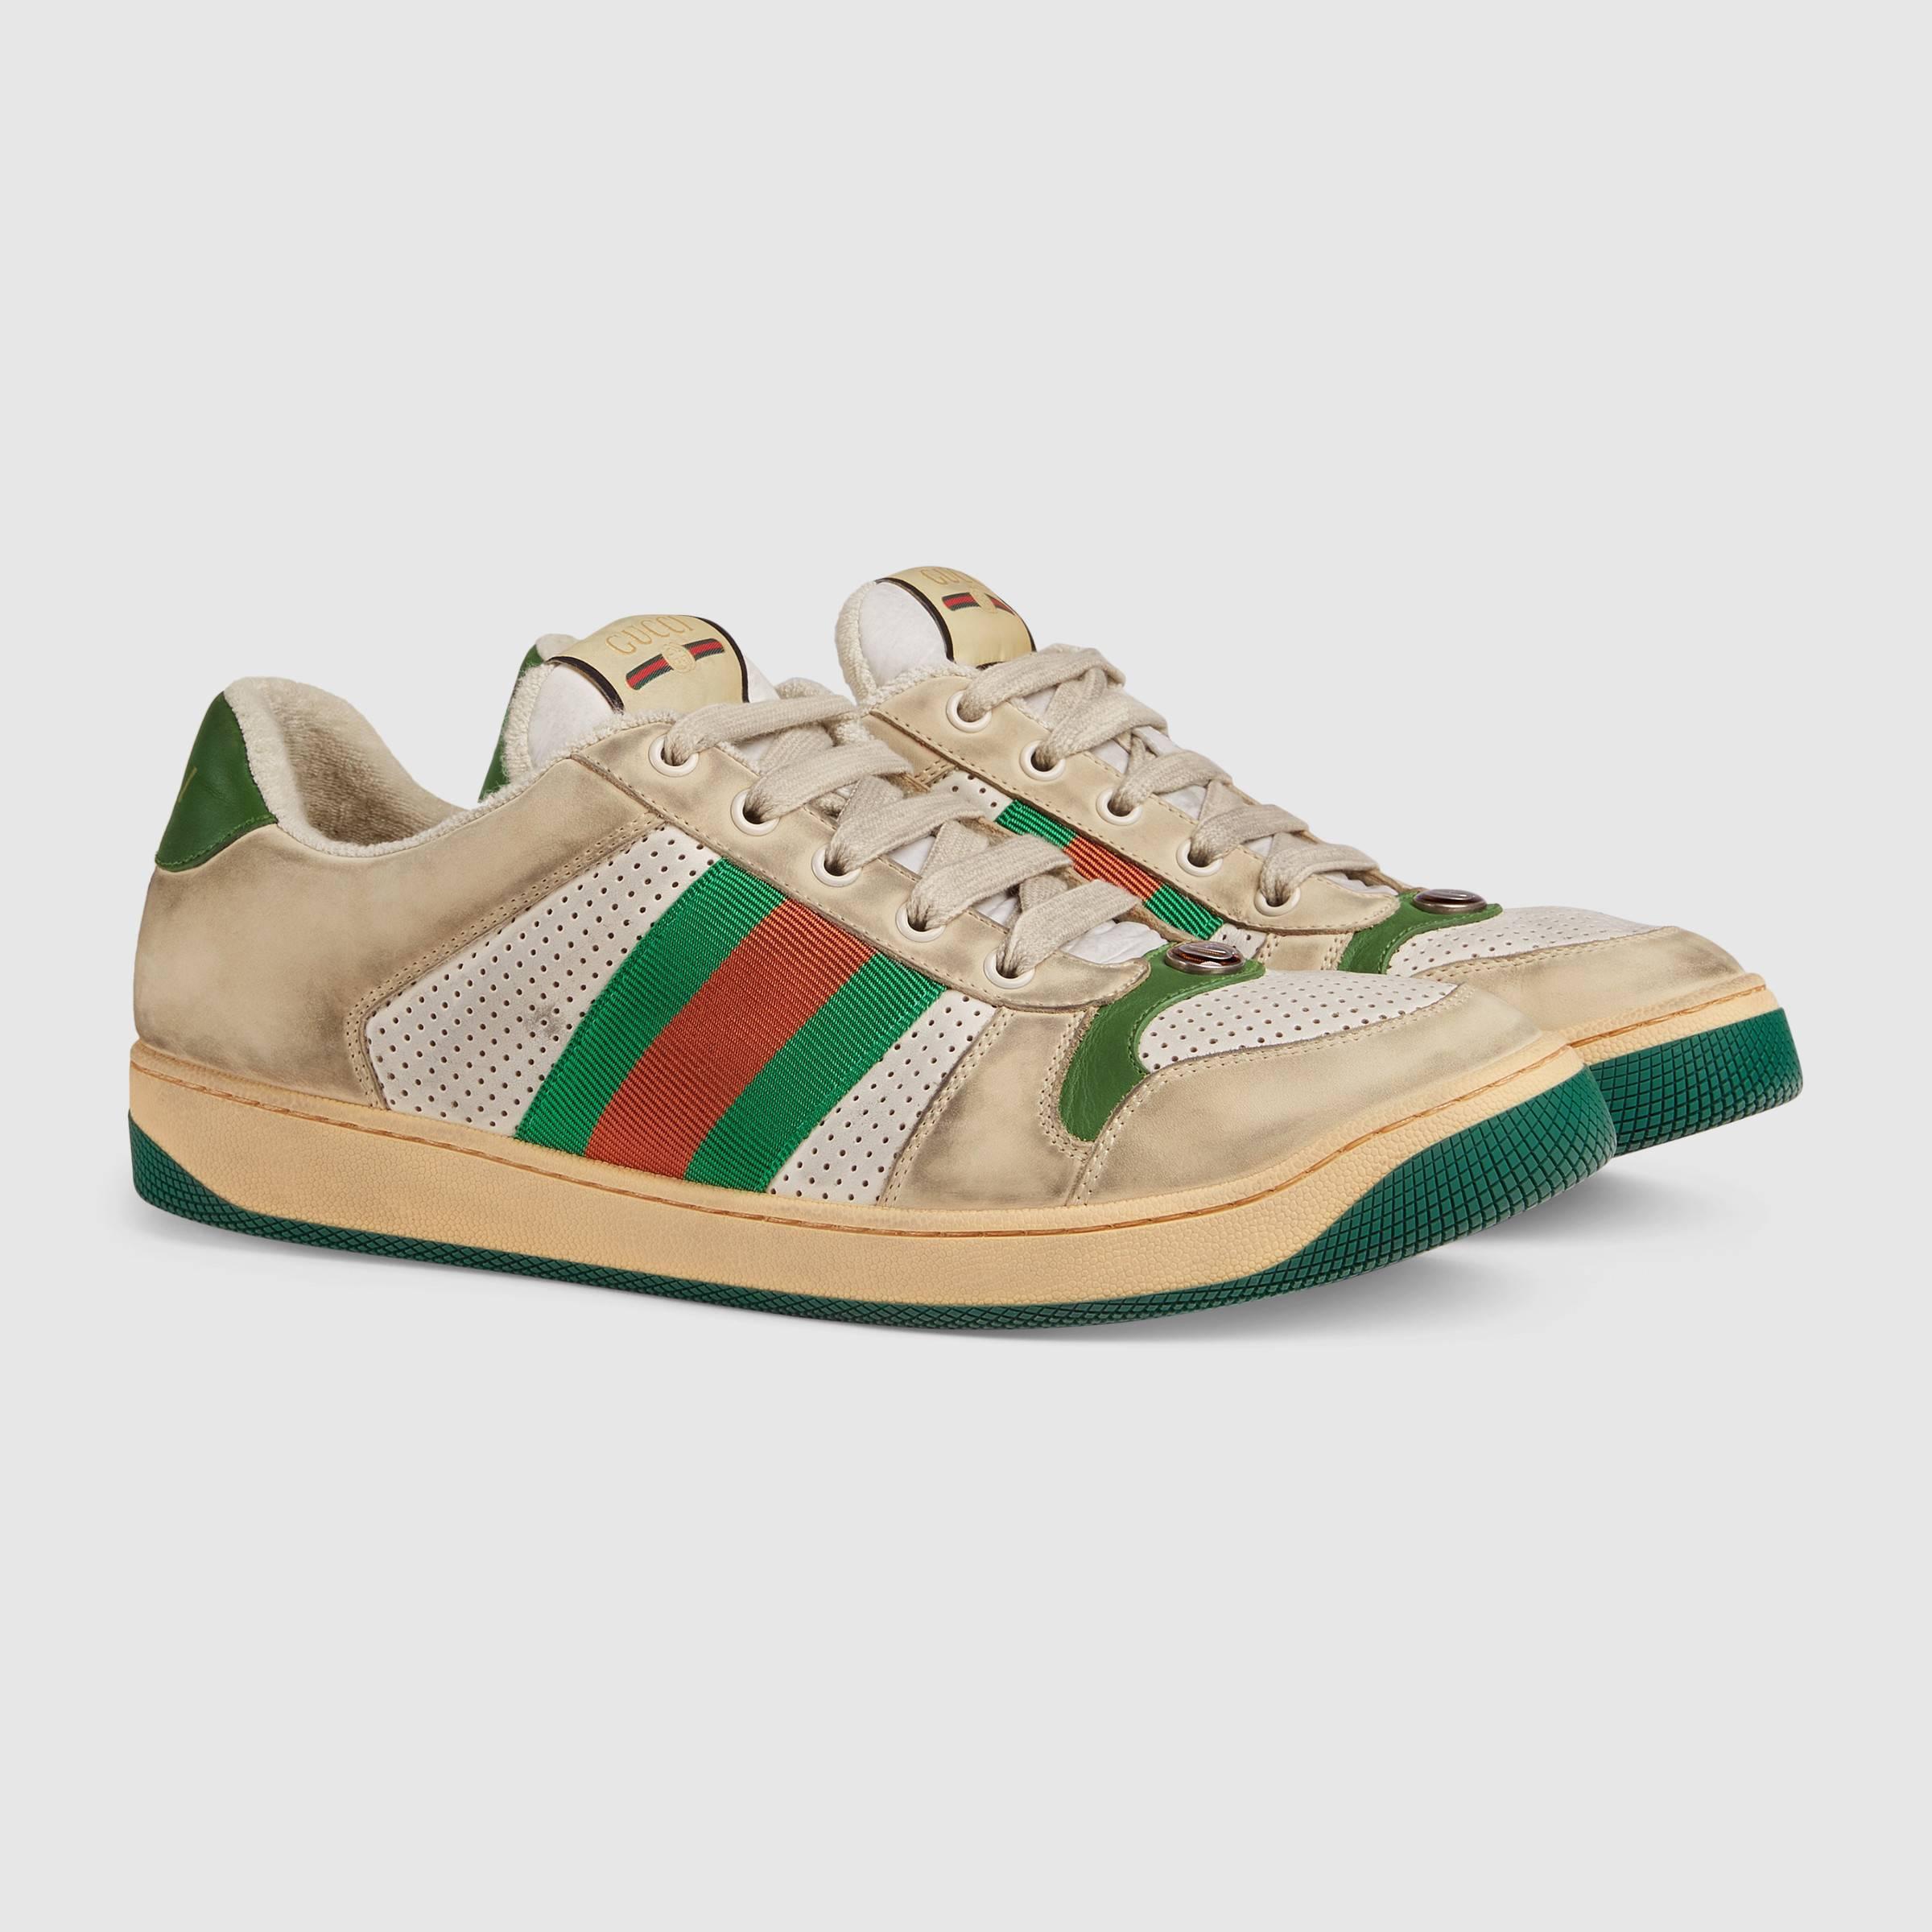 1e1888e345333 Nowe buty Gucci wyglądają na używane. Do kupienia za około 3300 zł | Ze  świata